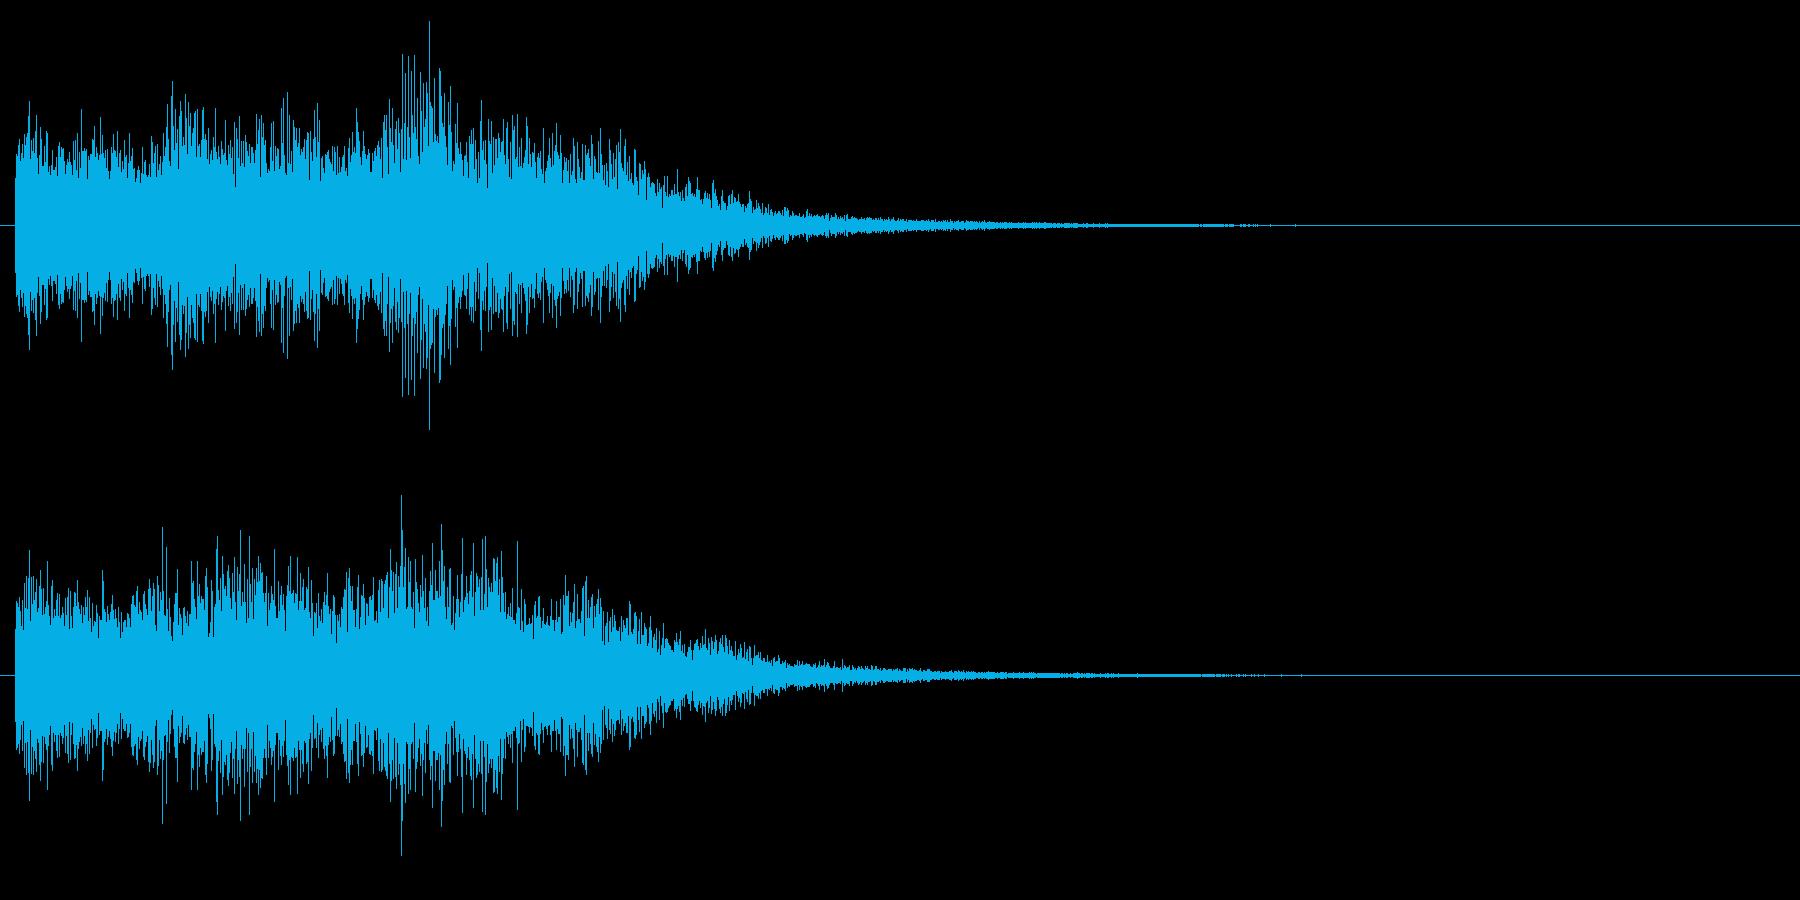 高め、明るめのエネルギー系の音 下降音の再生済みの波形